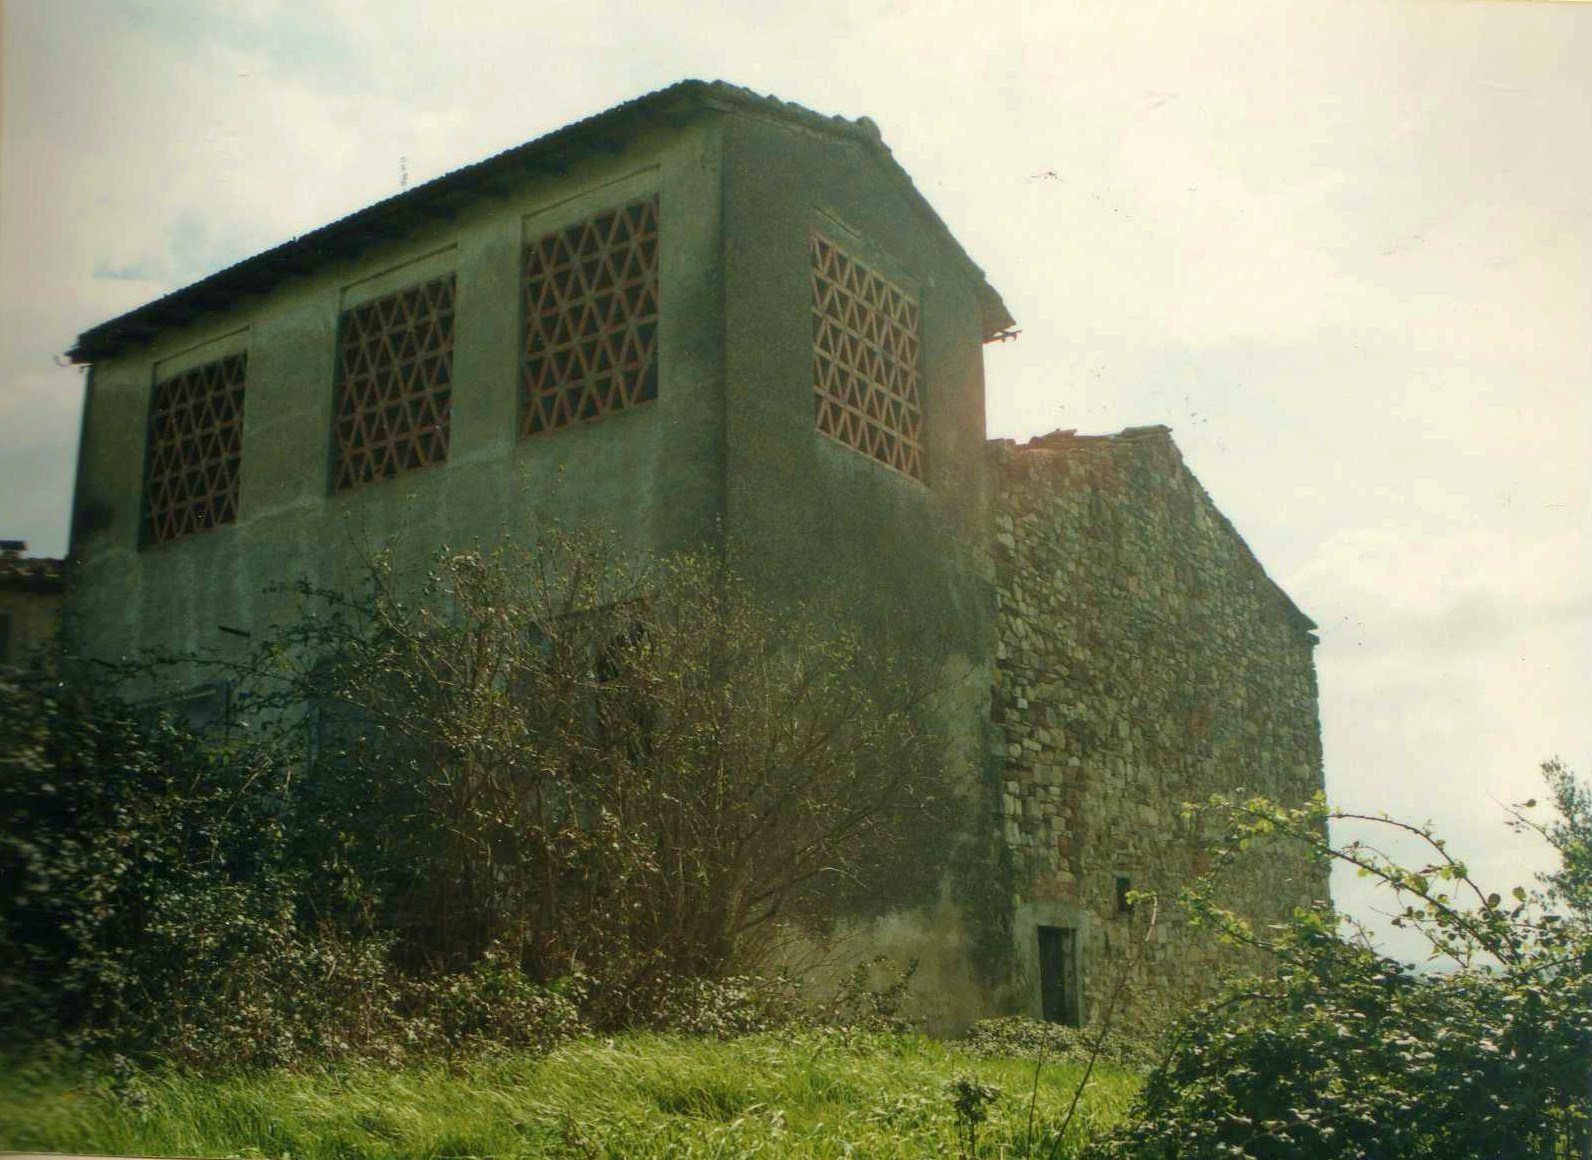 Verdesalvia sopravvissuti seconda puntata l 39 acquisto for Passi per l acquisto di terreni e la costruzione di una casa